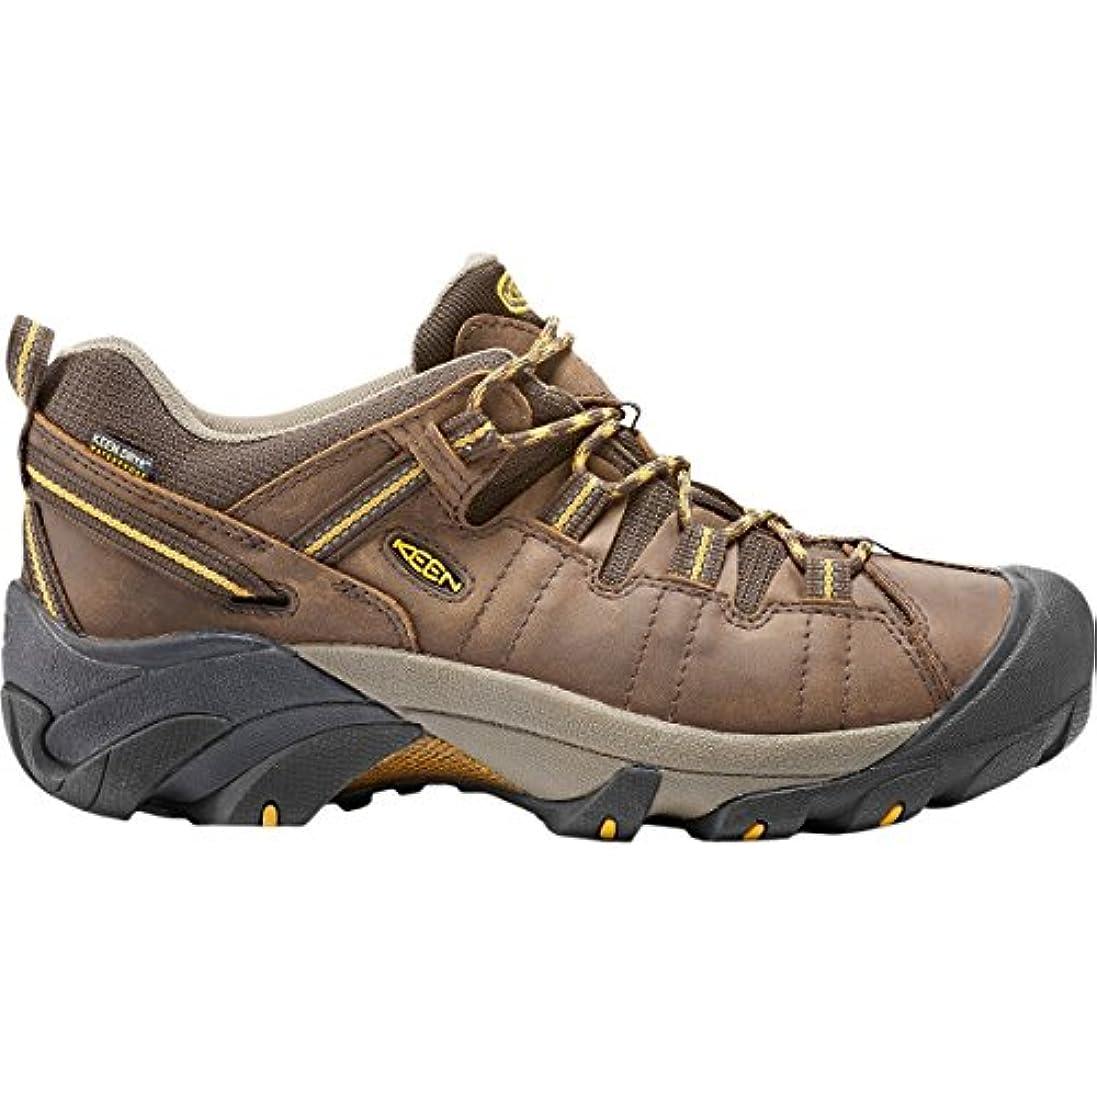 達成可能スマート理論的[キーン] メンズ ハイキング Targhee ll Waterproof Hiking Shoe - Men' [並行輸入品]